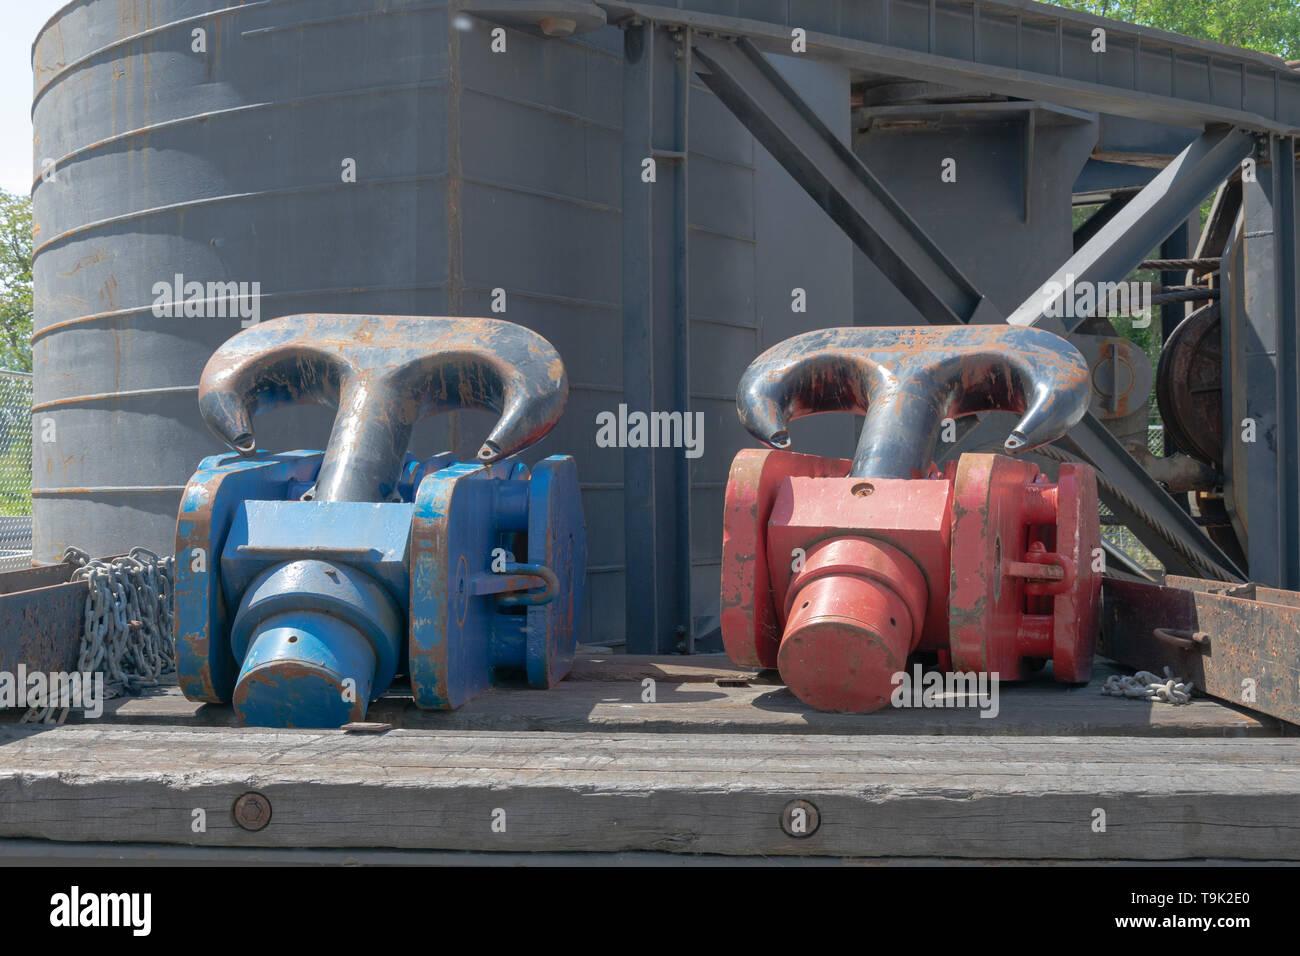 Dredging Stream Stock Photos & Dredging Stream Stock Images - Alamy